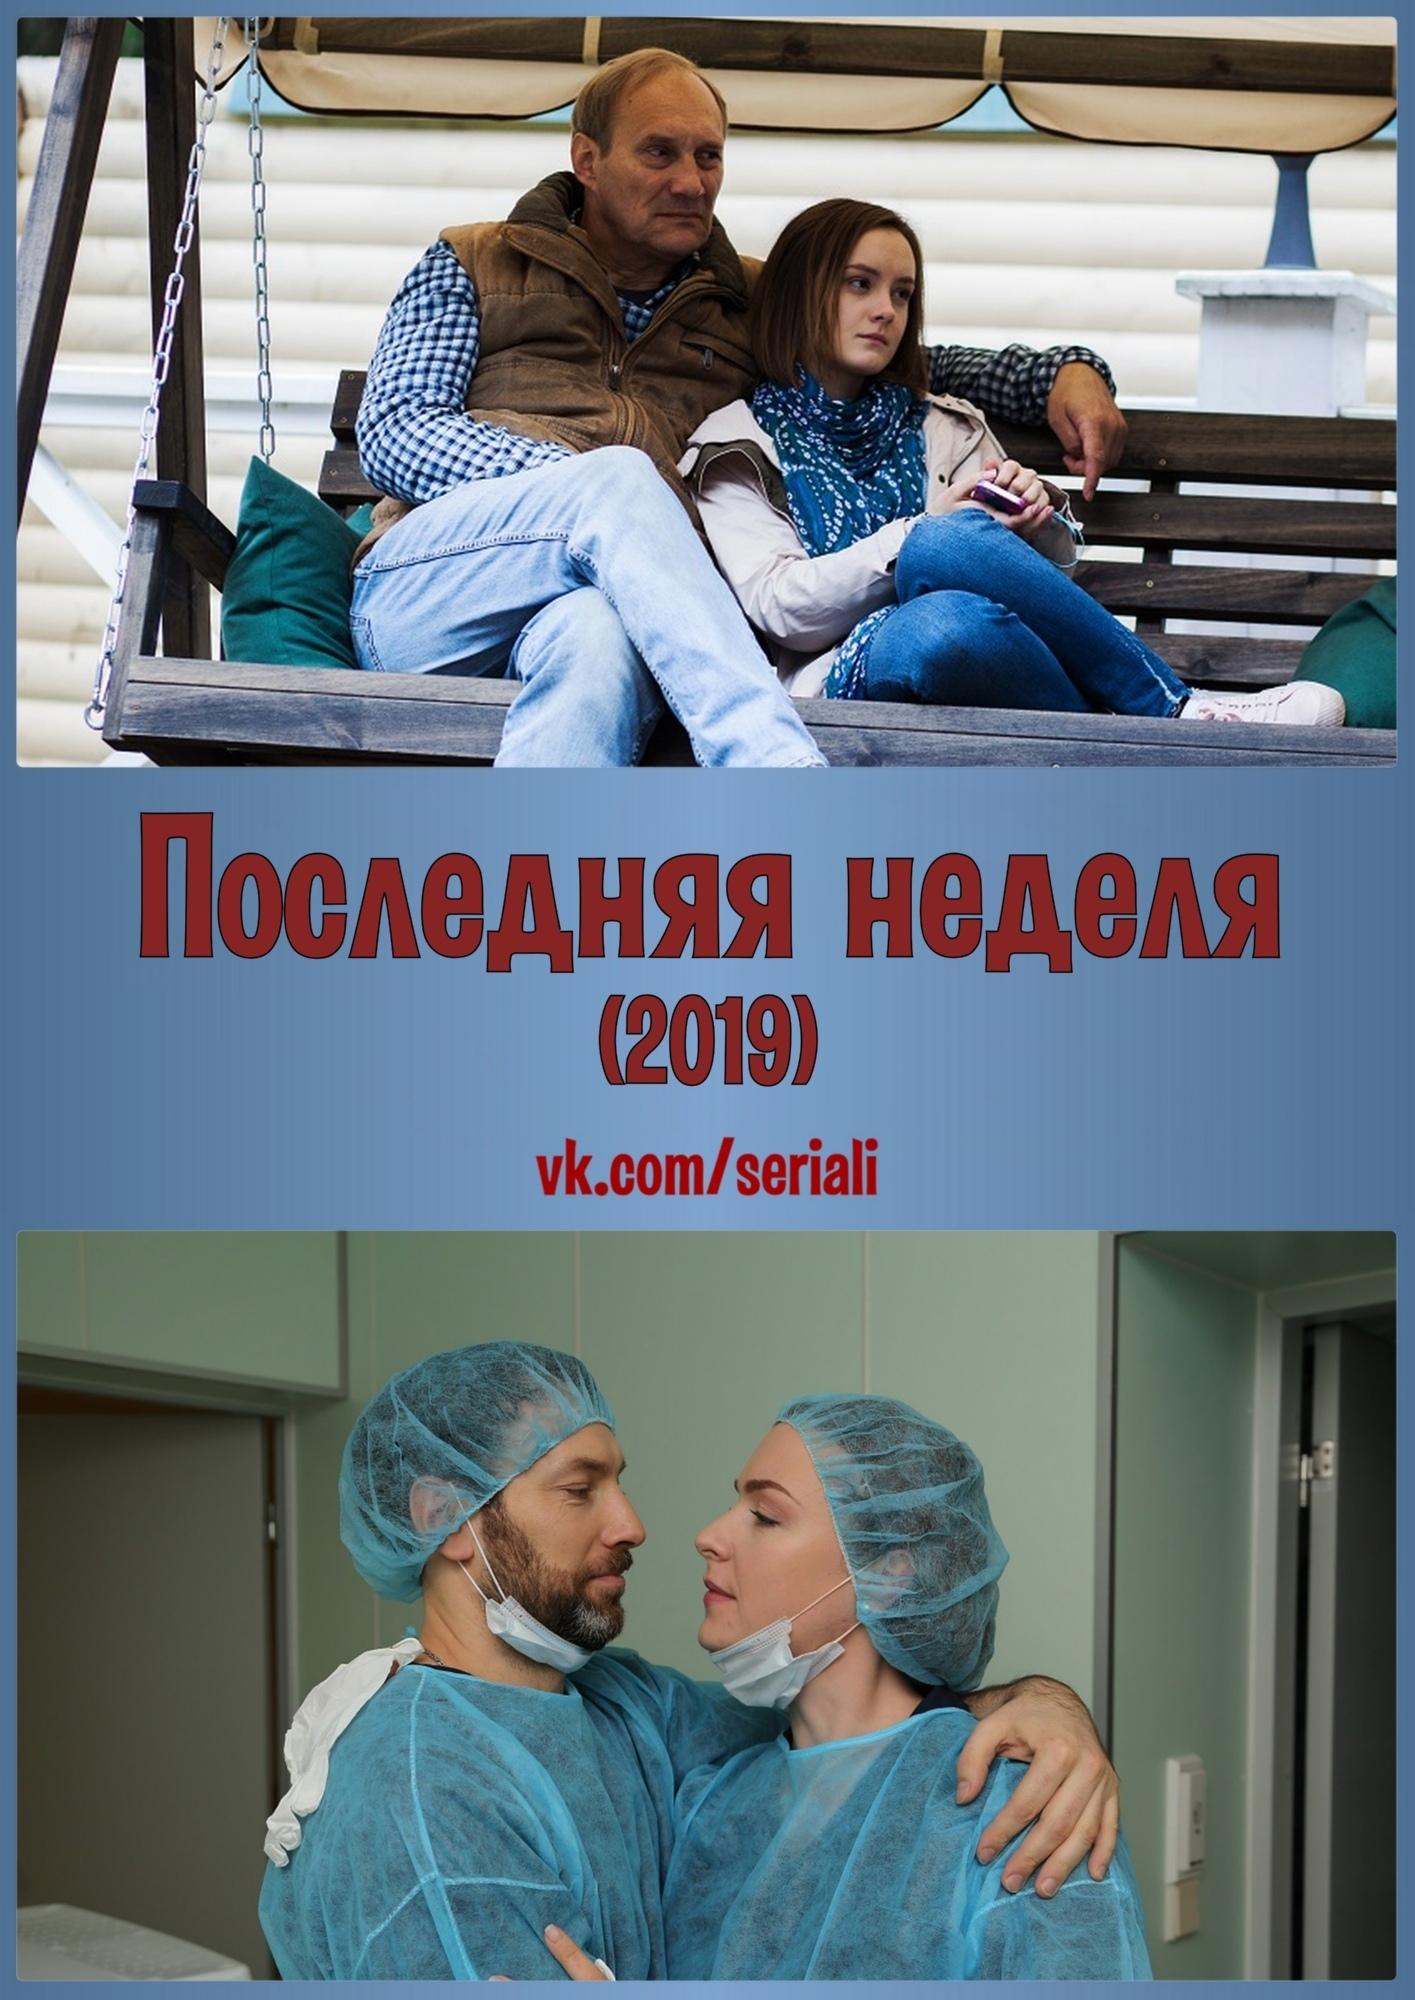 Мелодрама «Пoслeдняя нeдeля» (2019) 1-8 серия из 8 HD